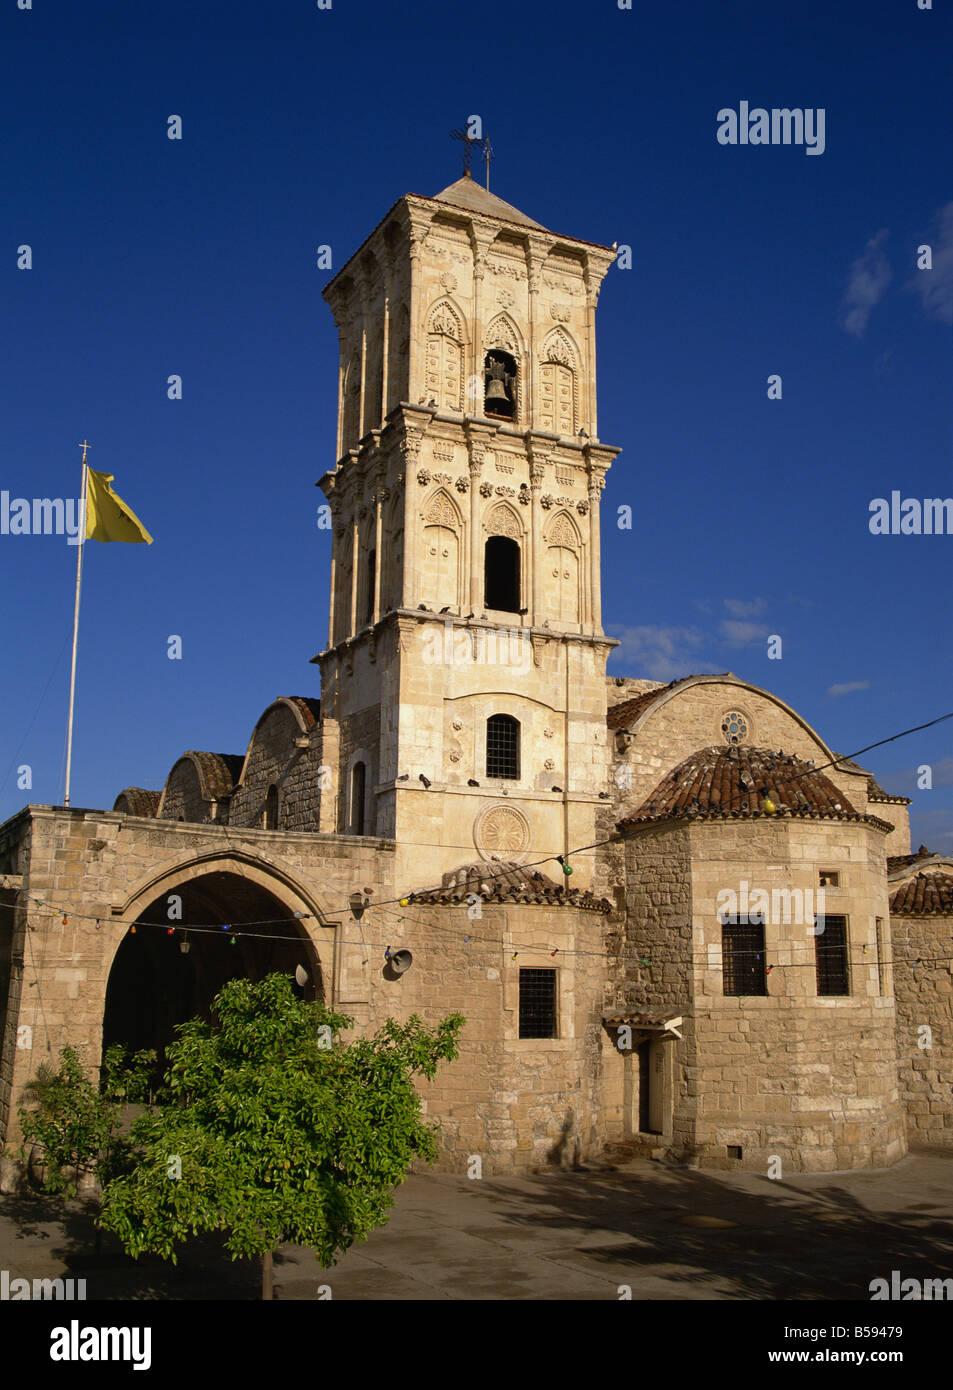 Le 9e siècle, l'église de Saint-Lazare, un lieu de pèlerinage qui contient le tombeau de Lazare, Larnaca, Chypre, Europe Banque D'Images